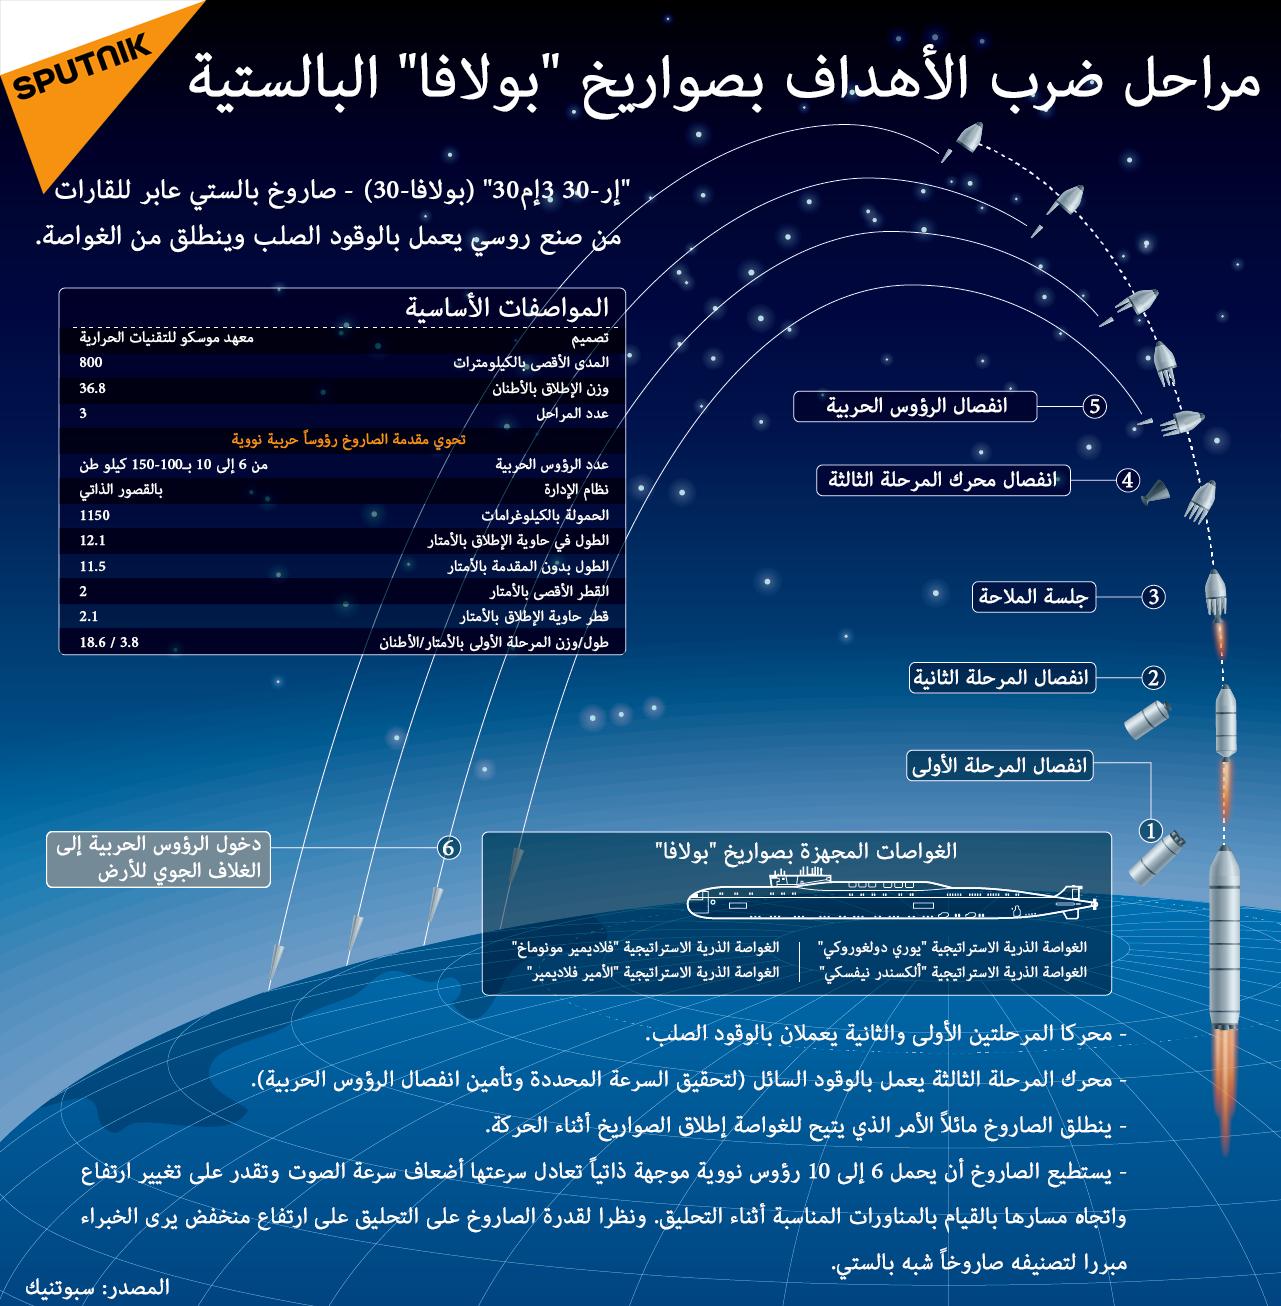 """مراحل ضرب الأهداف بصواريخ """"بولافا"""" البالستية 1023976055"""